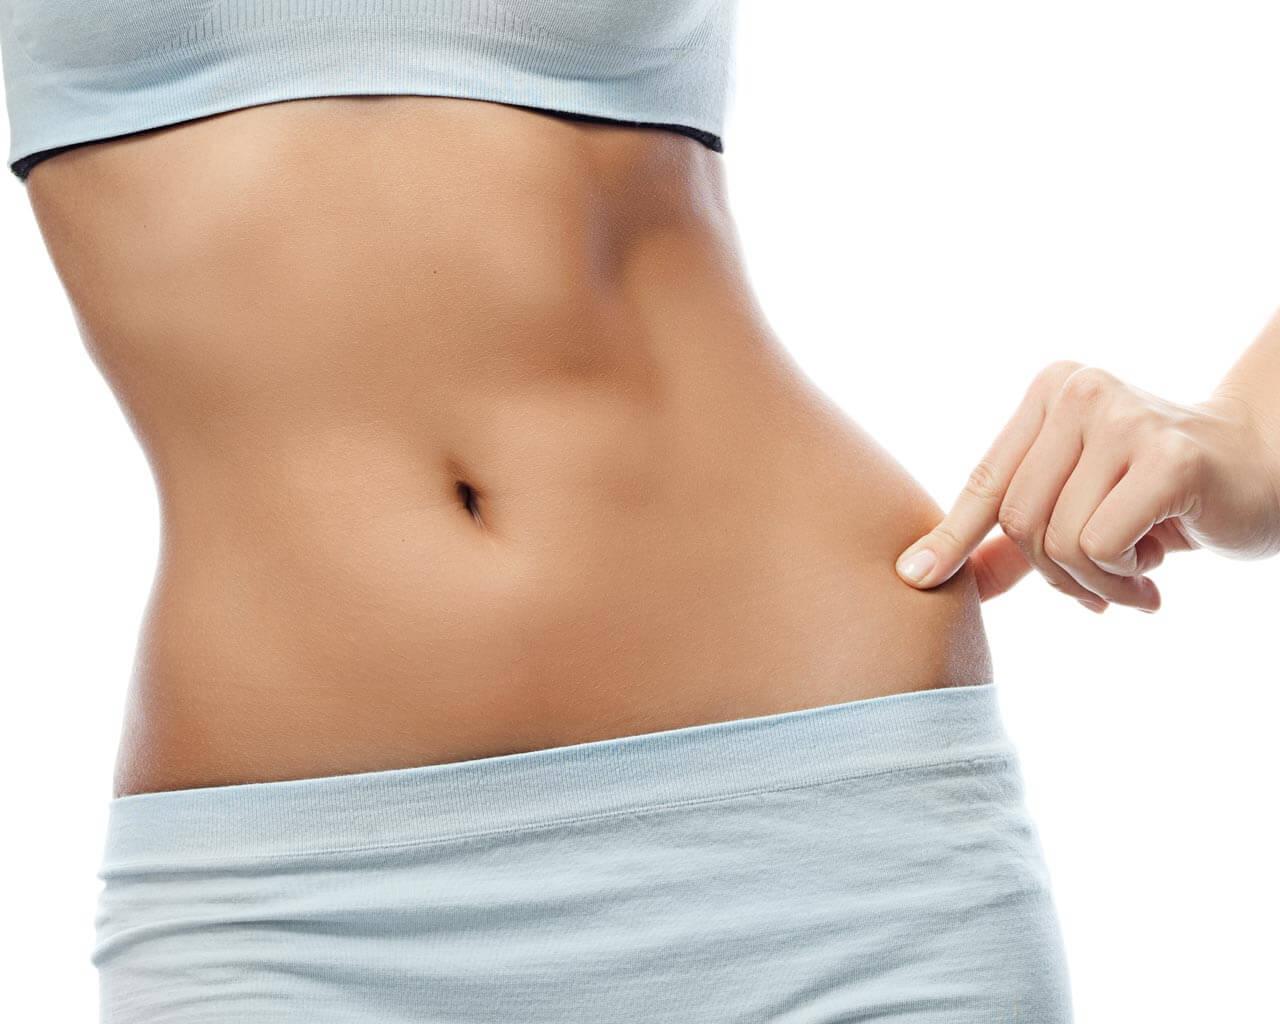 Диета для похудения живота – какая методика эффективнее